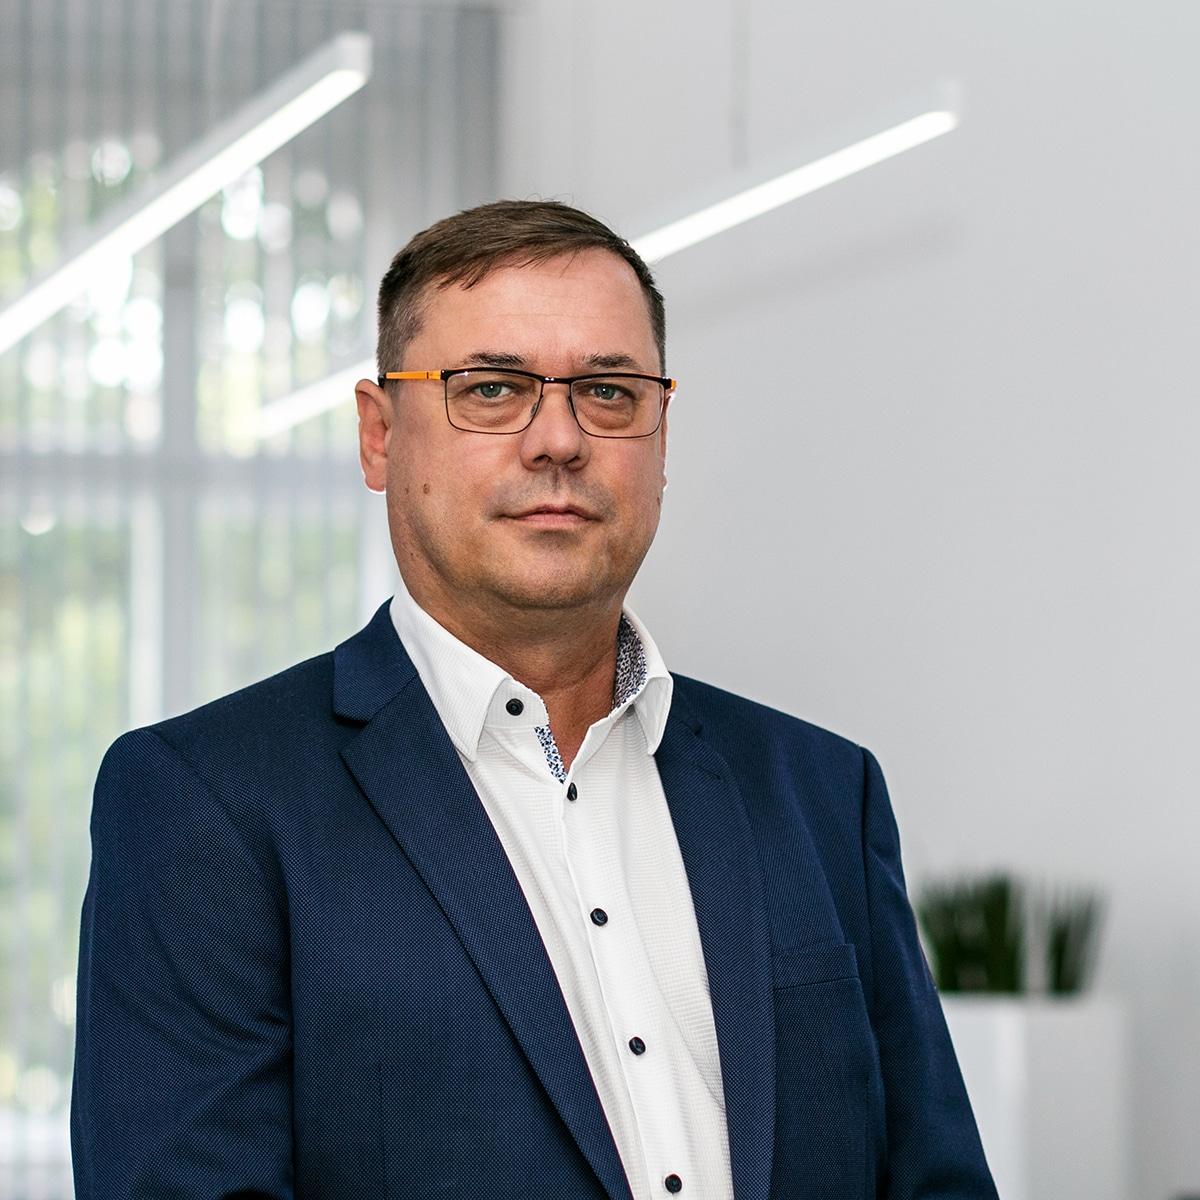 2020_Mähren_Schleussner_Ulf-1